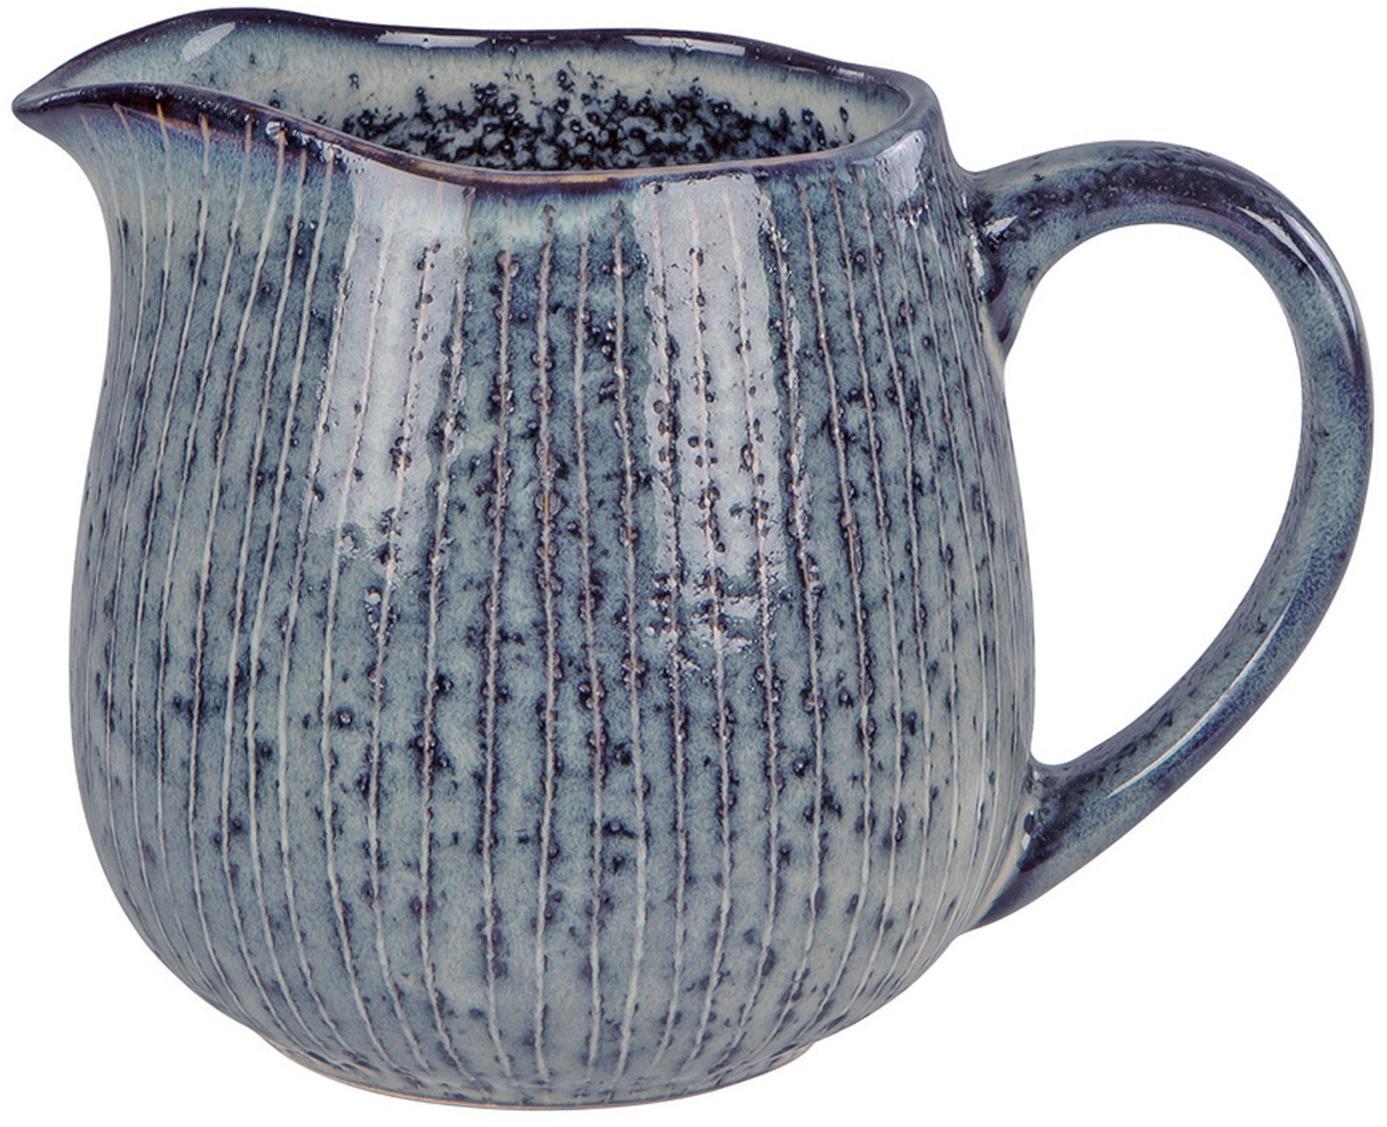 Lechera artesanal Nordic Sea, Gres, Tonos de gris y azul, Ø 12 x Al 9 cm